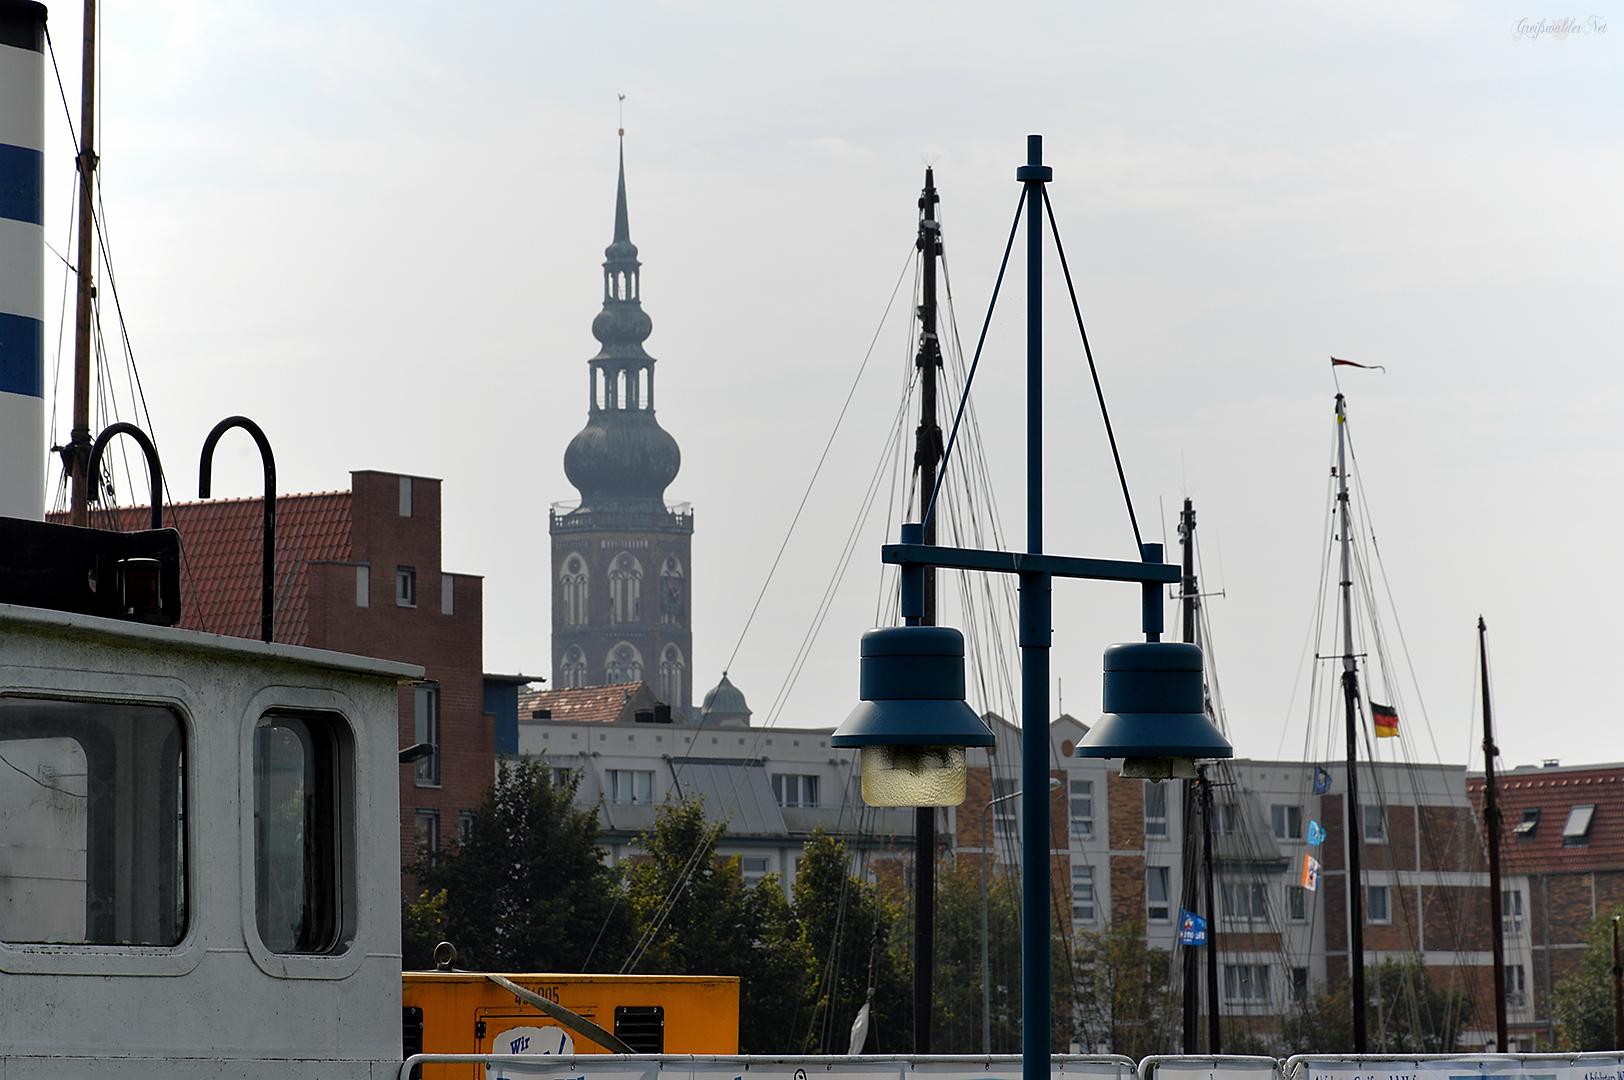 Blick vom Museumshafen zum Dom St. Nikolai in Greifswald